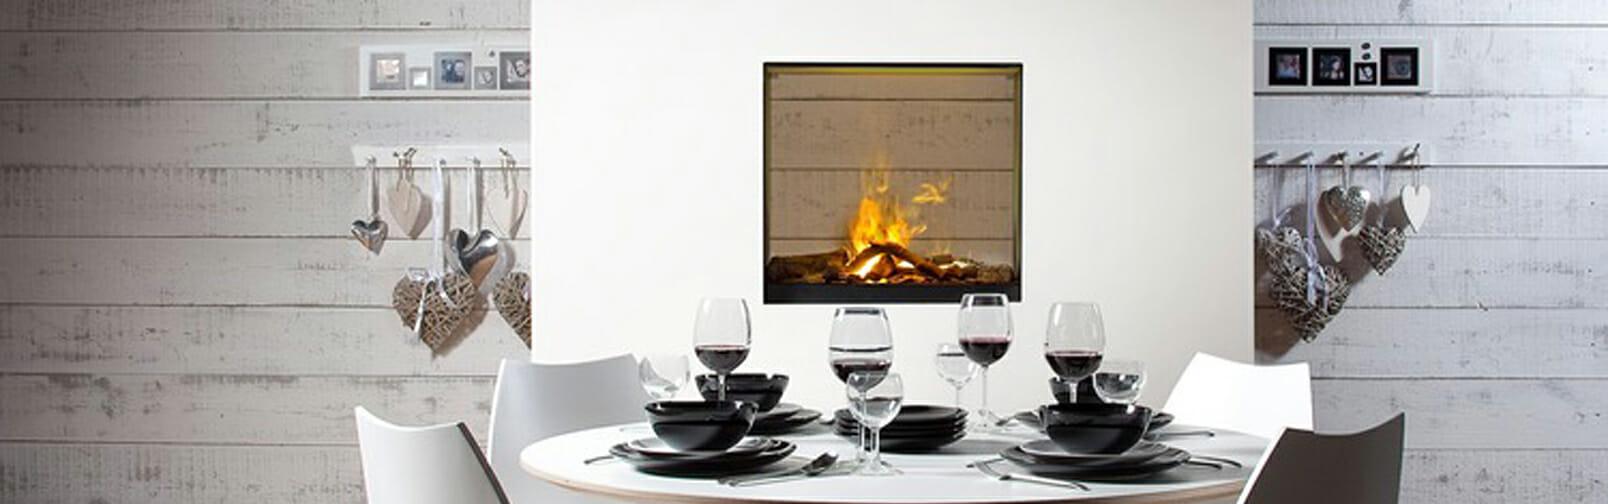 elektrisch de openhaarden en plavuizenspecialist. Black Bedroom Furniture Sets. Home Design Ideas